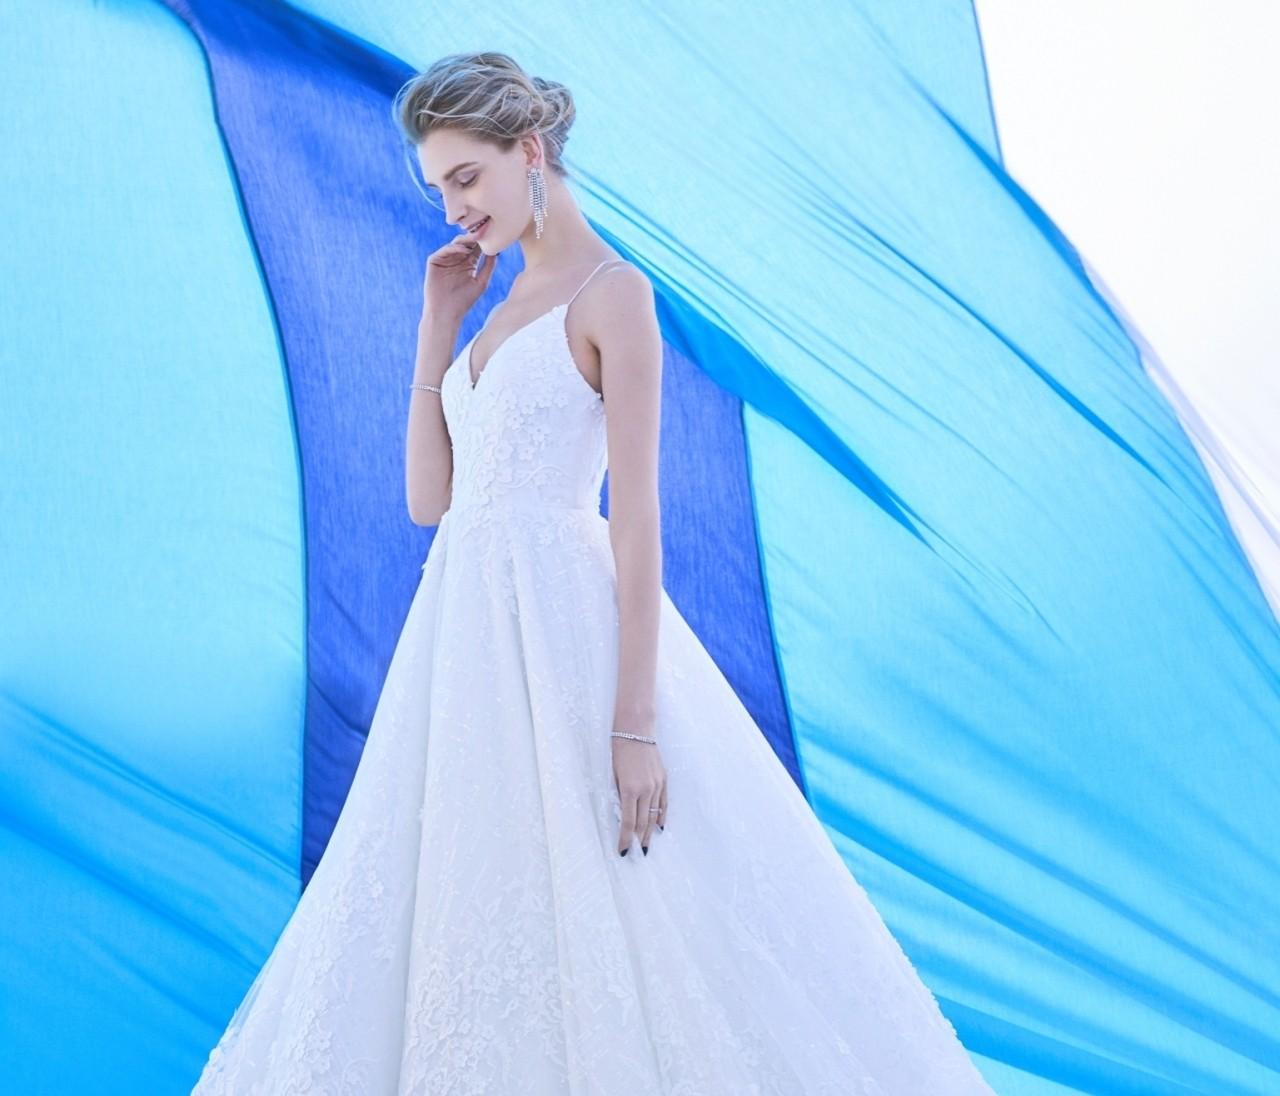 令和元年に花嫁になりたい人をサポート♡ 「ノバレーゼ」が、豪華なサマー・ブライダルフェアを8/24から開催♪